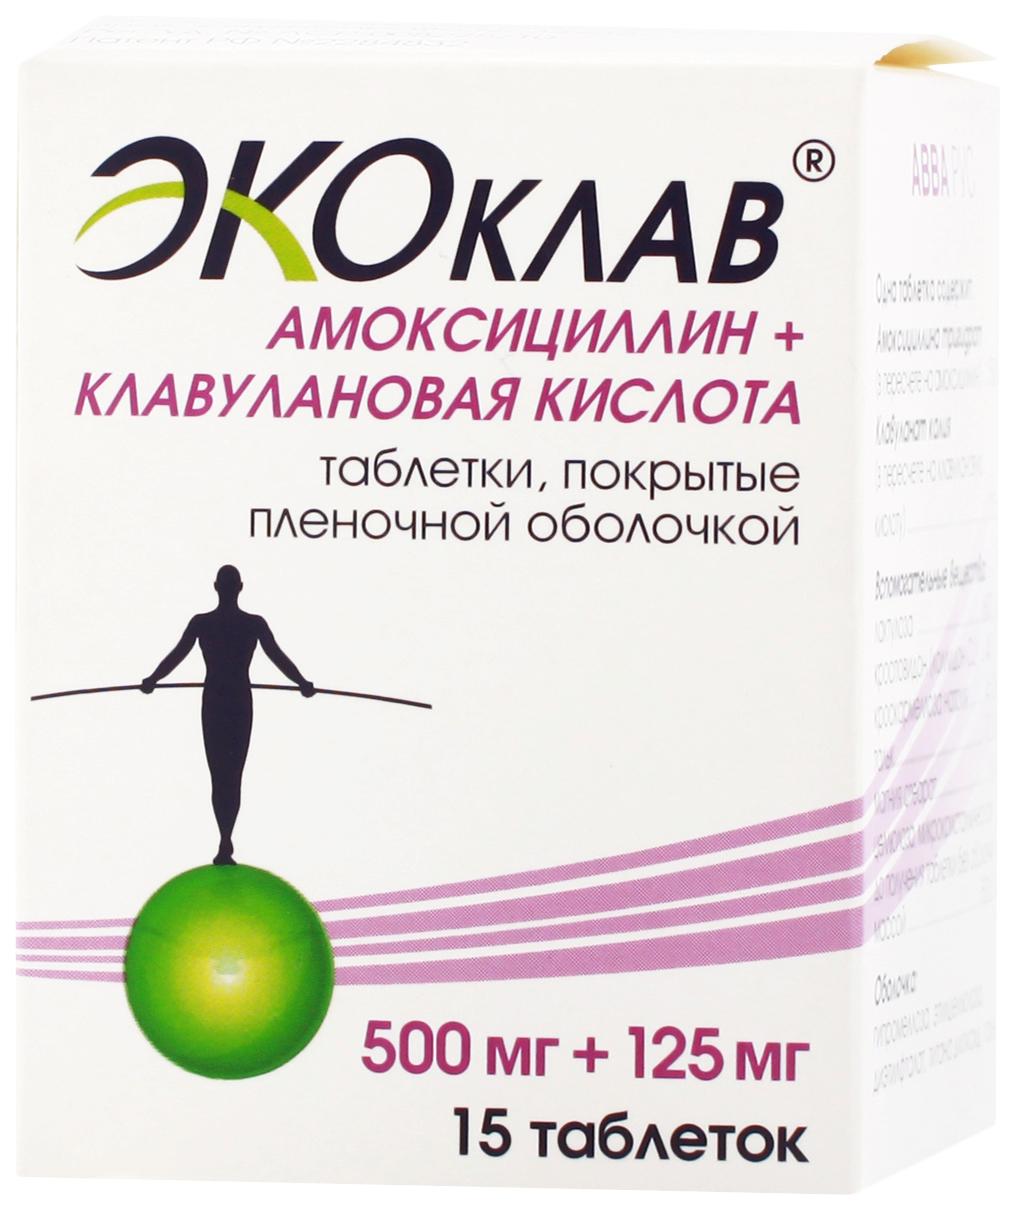 Экоклав таблетки, покрытые пленочной оболочкой 500 мг+125 мг №15